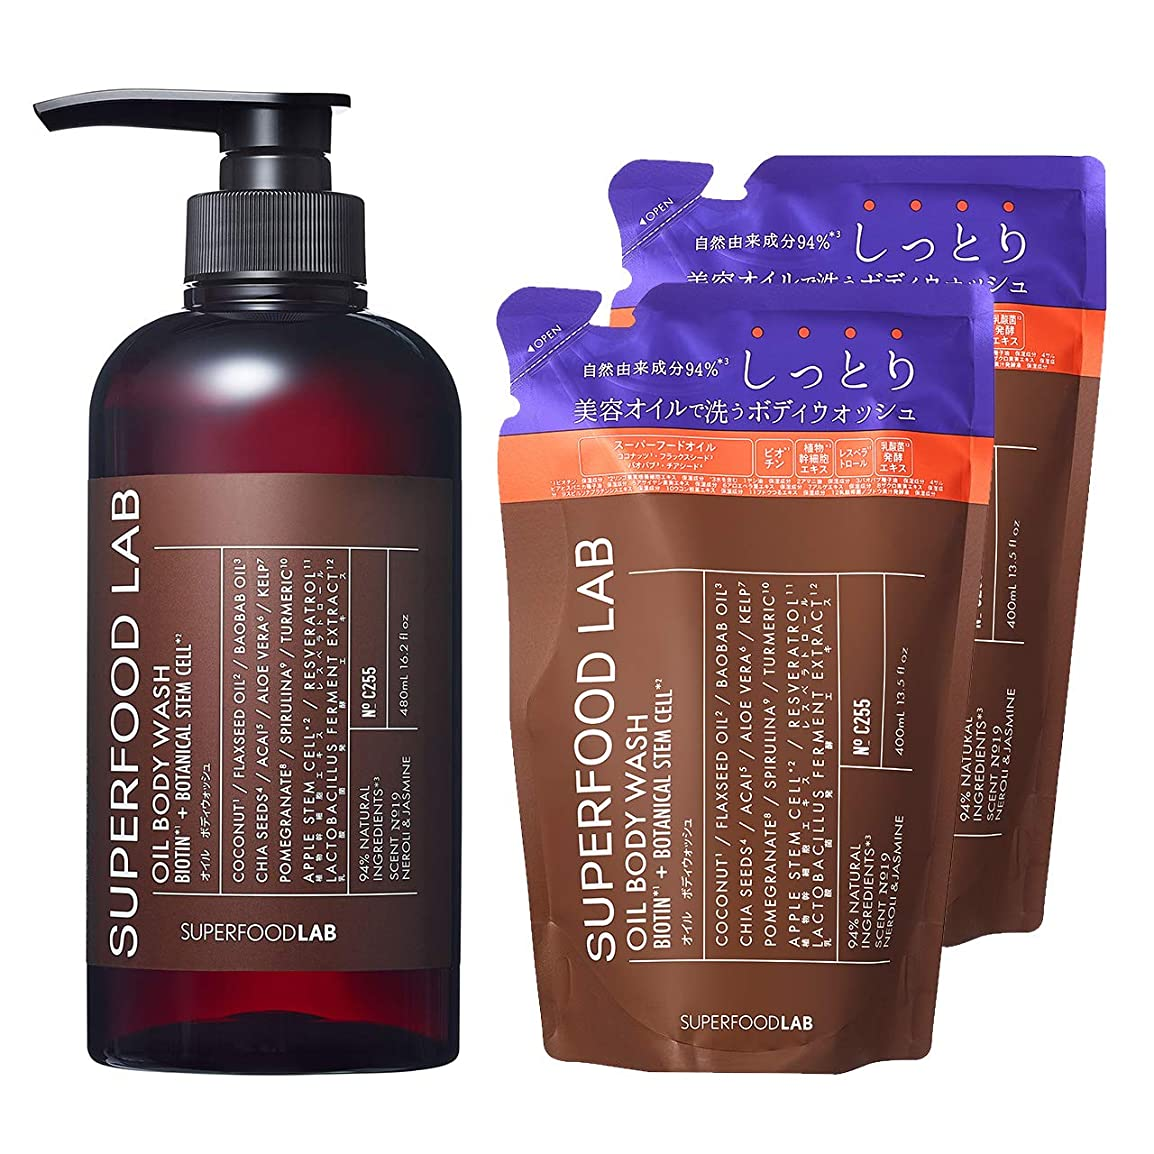 洗剤苦味チャームSFL(スーパーフードラボ) 美容オイルで洗う【しっとり】ビオチン+オイル ボディウォッシュ 本体+リフィル2個セット